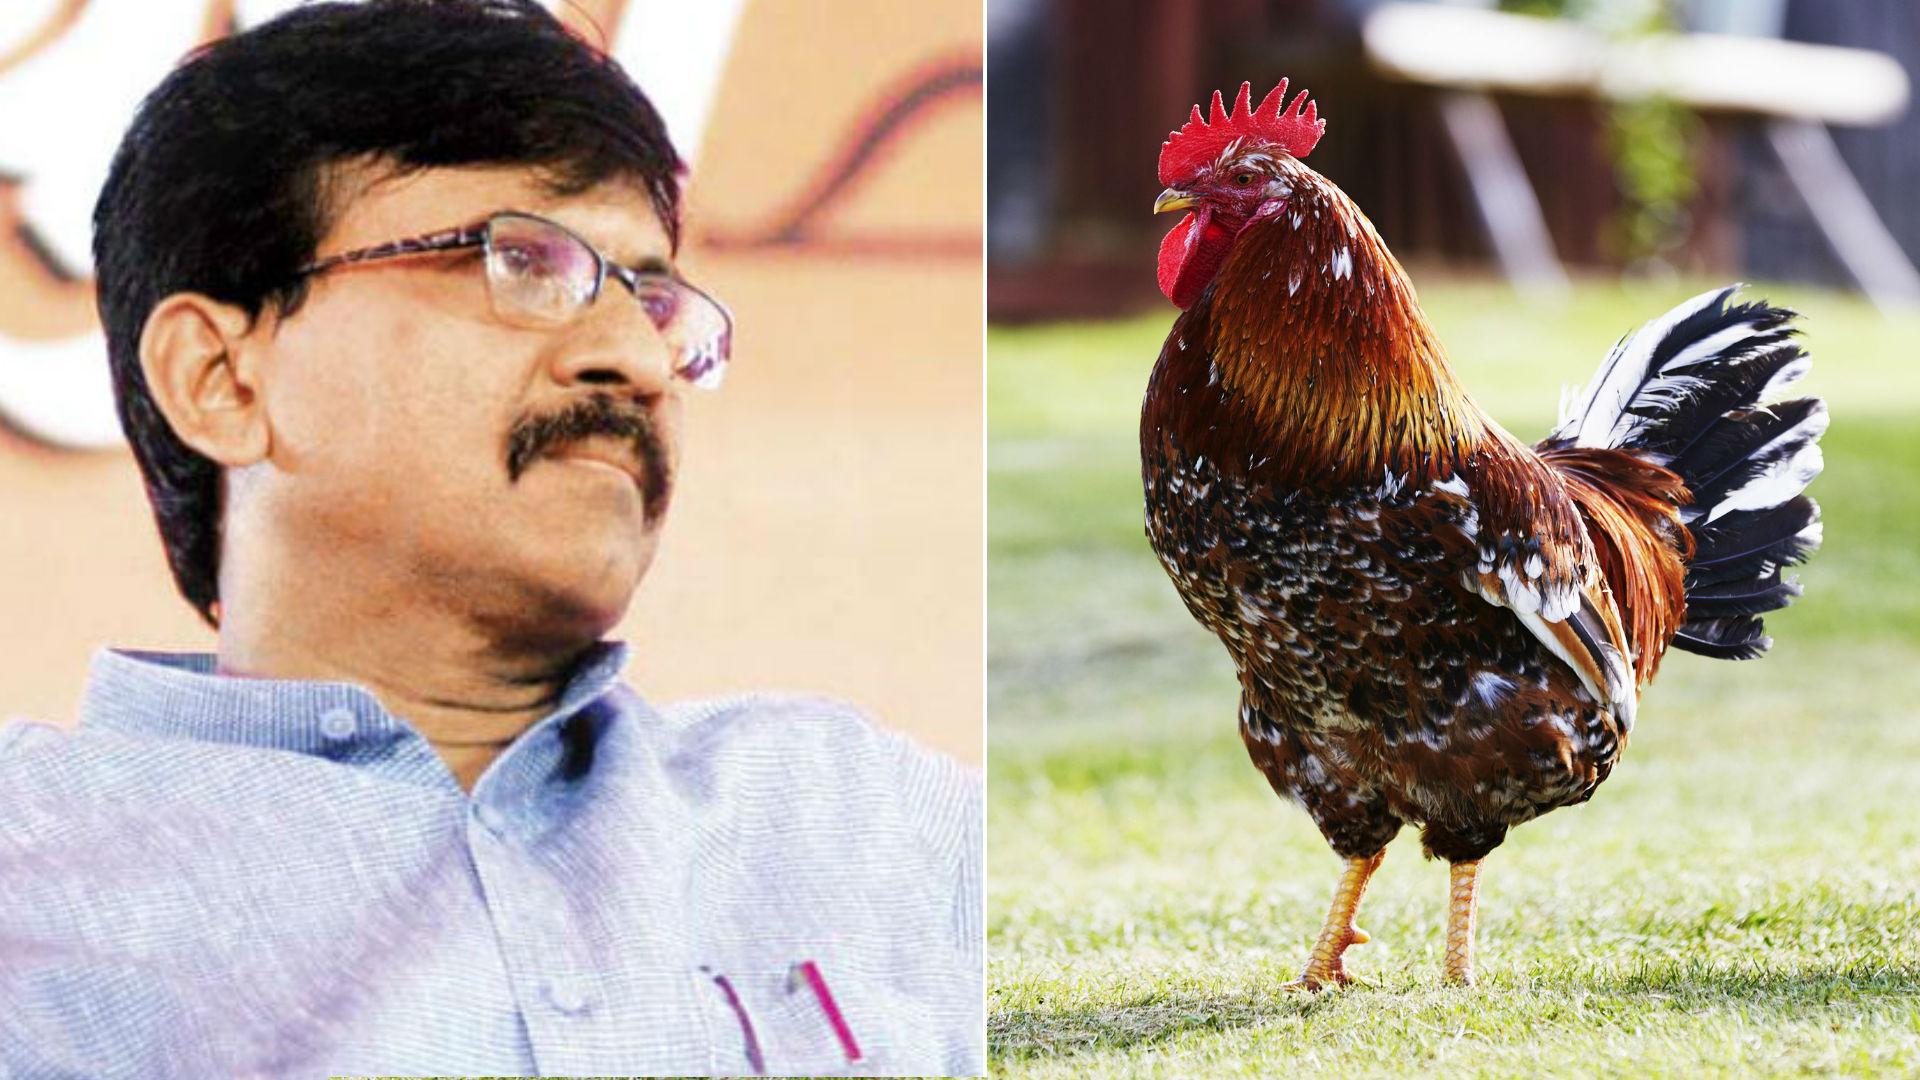 शिवसेना सांसद संजय राउत ने बताया था चिकन और अंडे को शाकाहारी, ट्विटर यूजर्स बोले- मटन से भेदभाव क्यों?